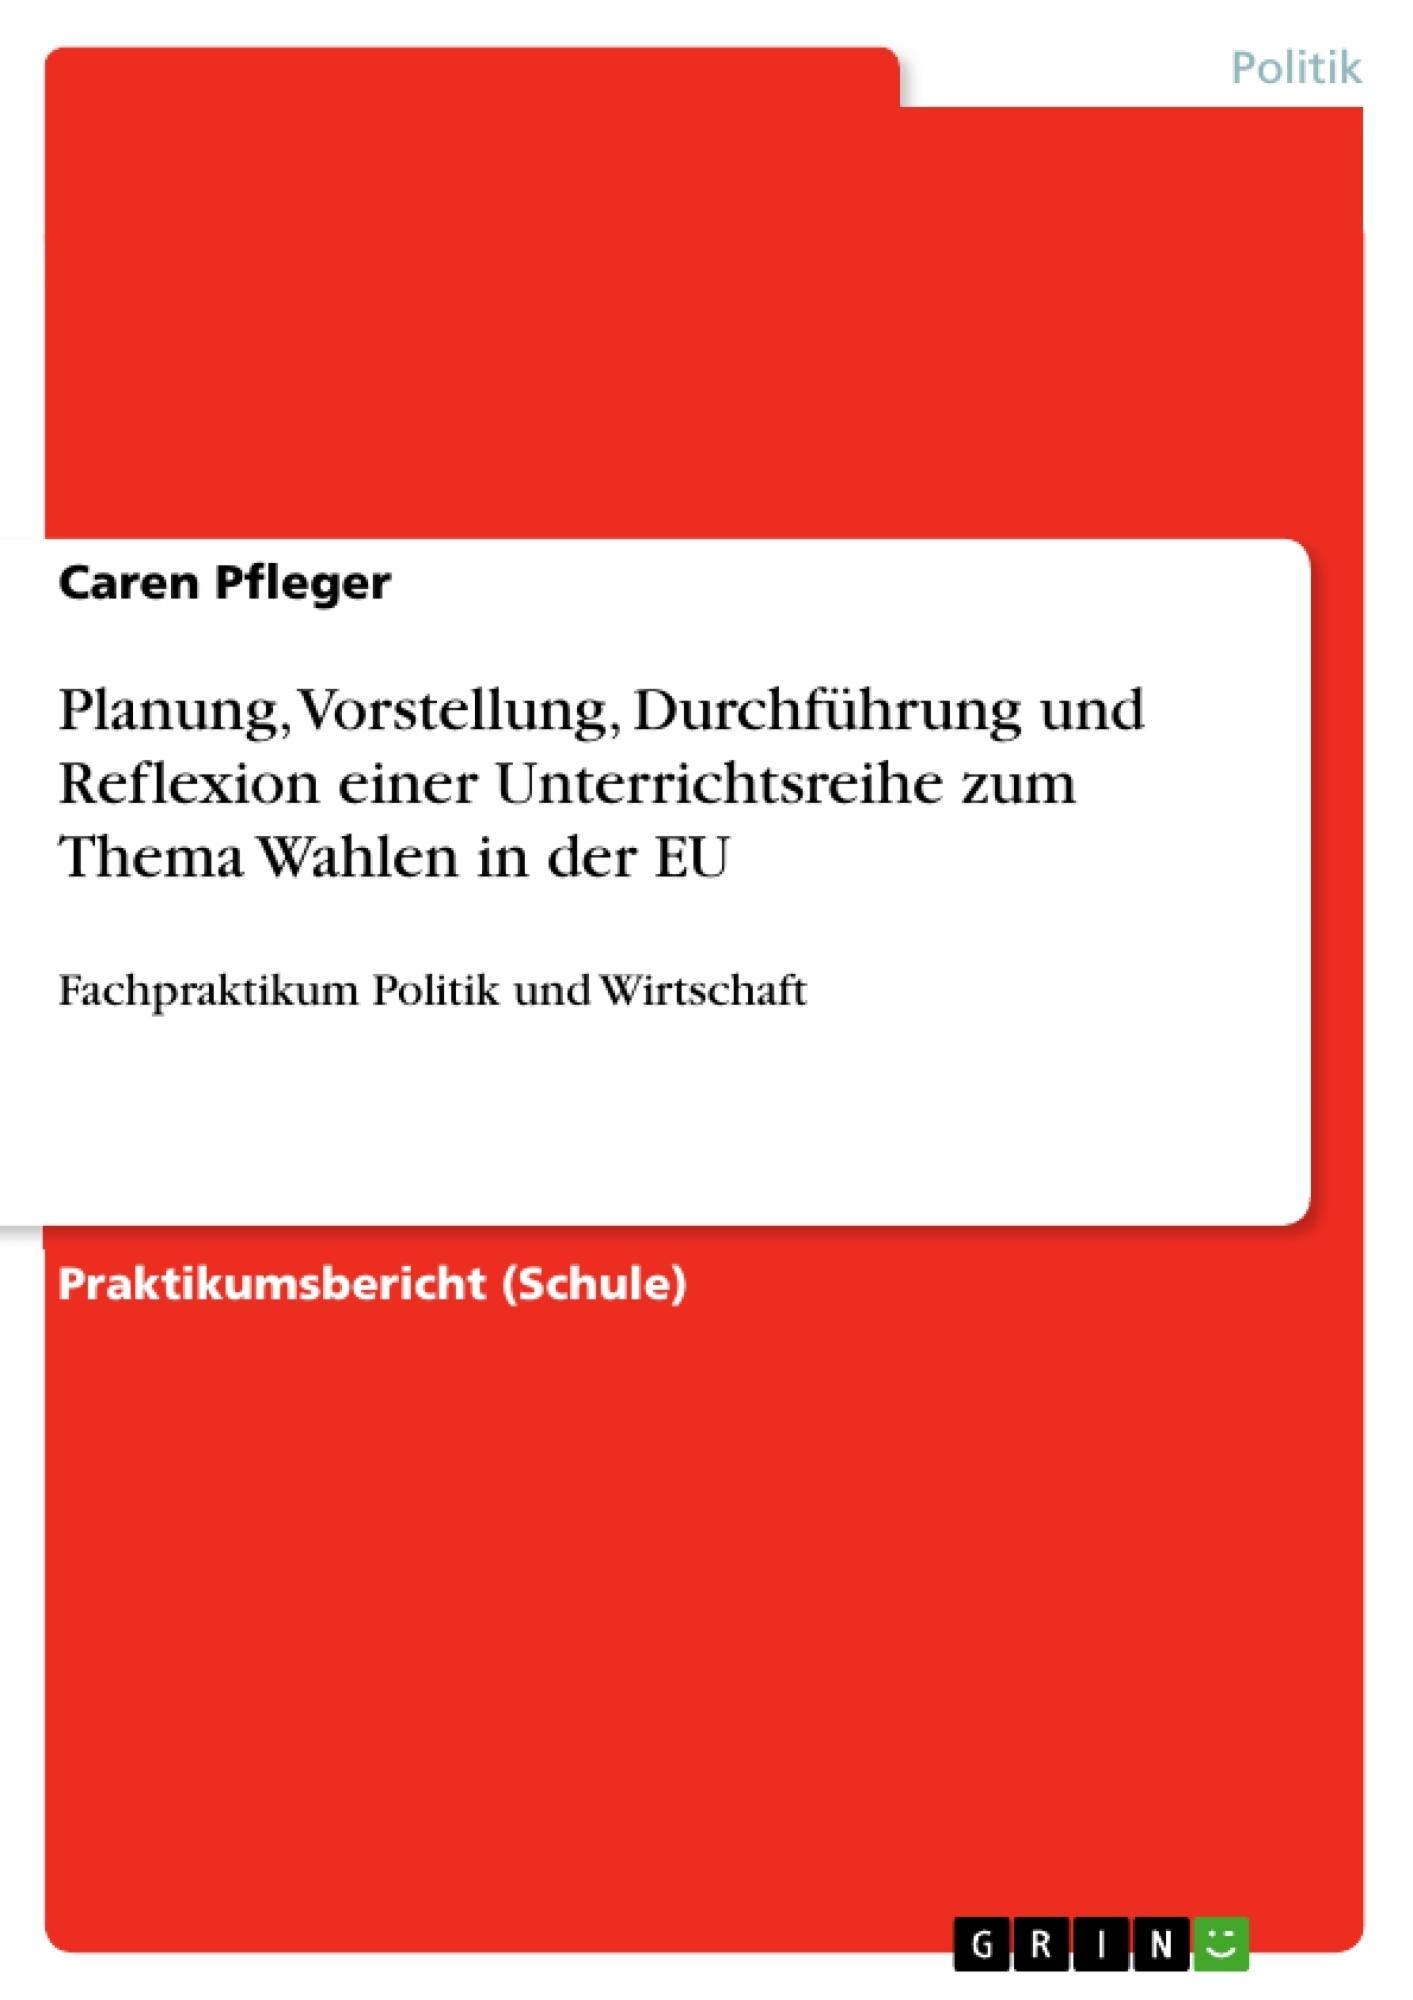 Titel: Planung, Vorstellung, Durchführung und Reflexion einer Unterrichtsreihe zum Thema Wahlen in der EU